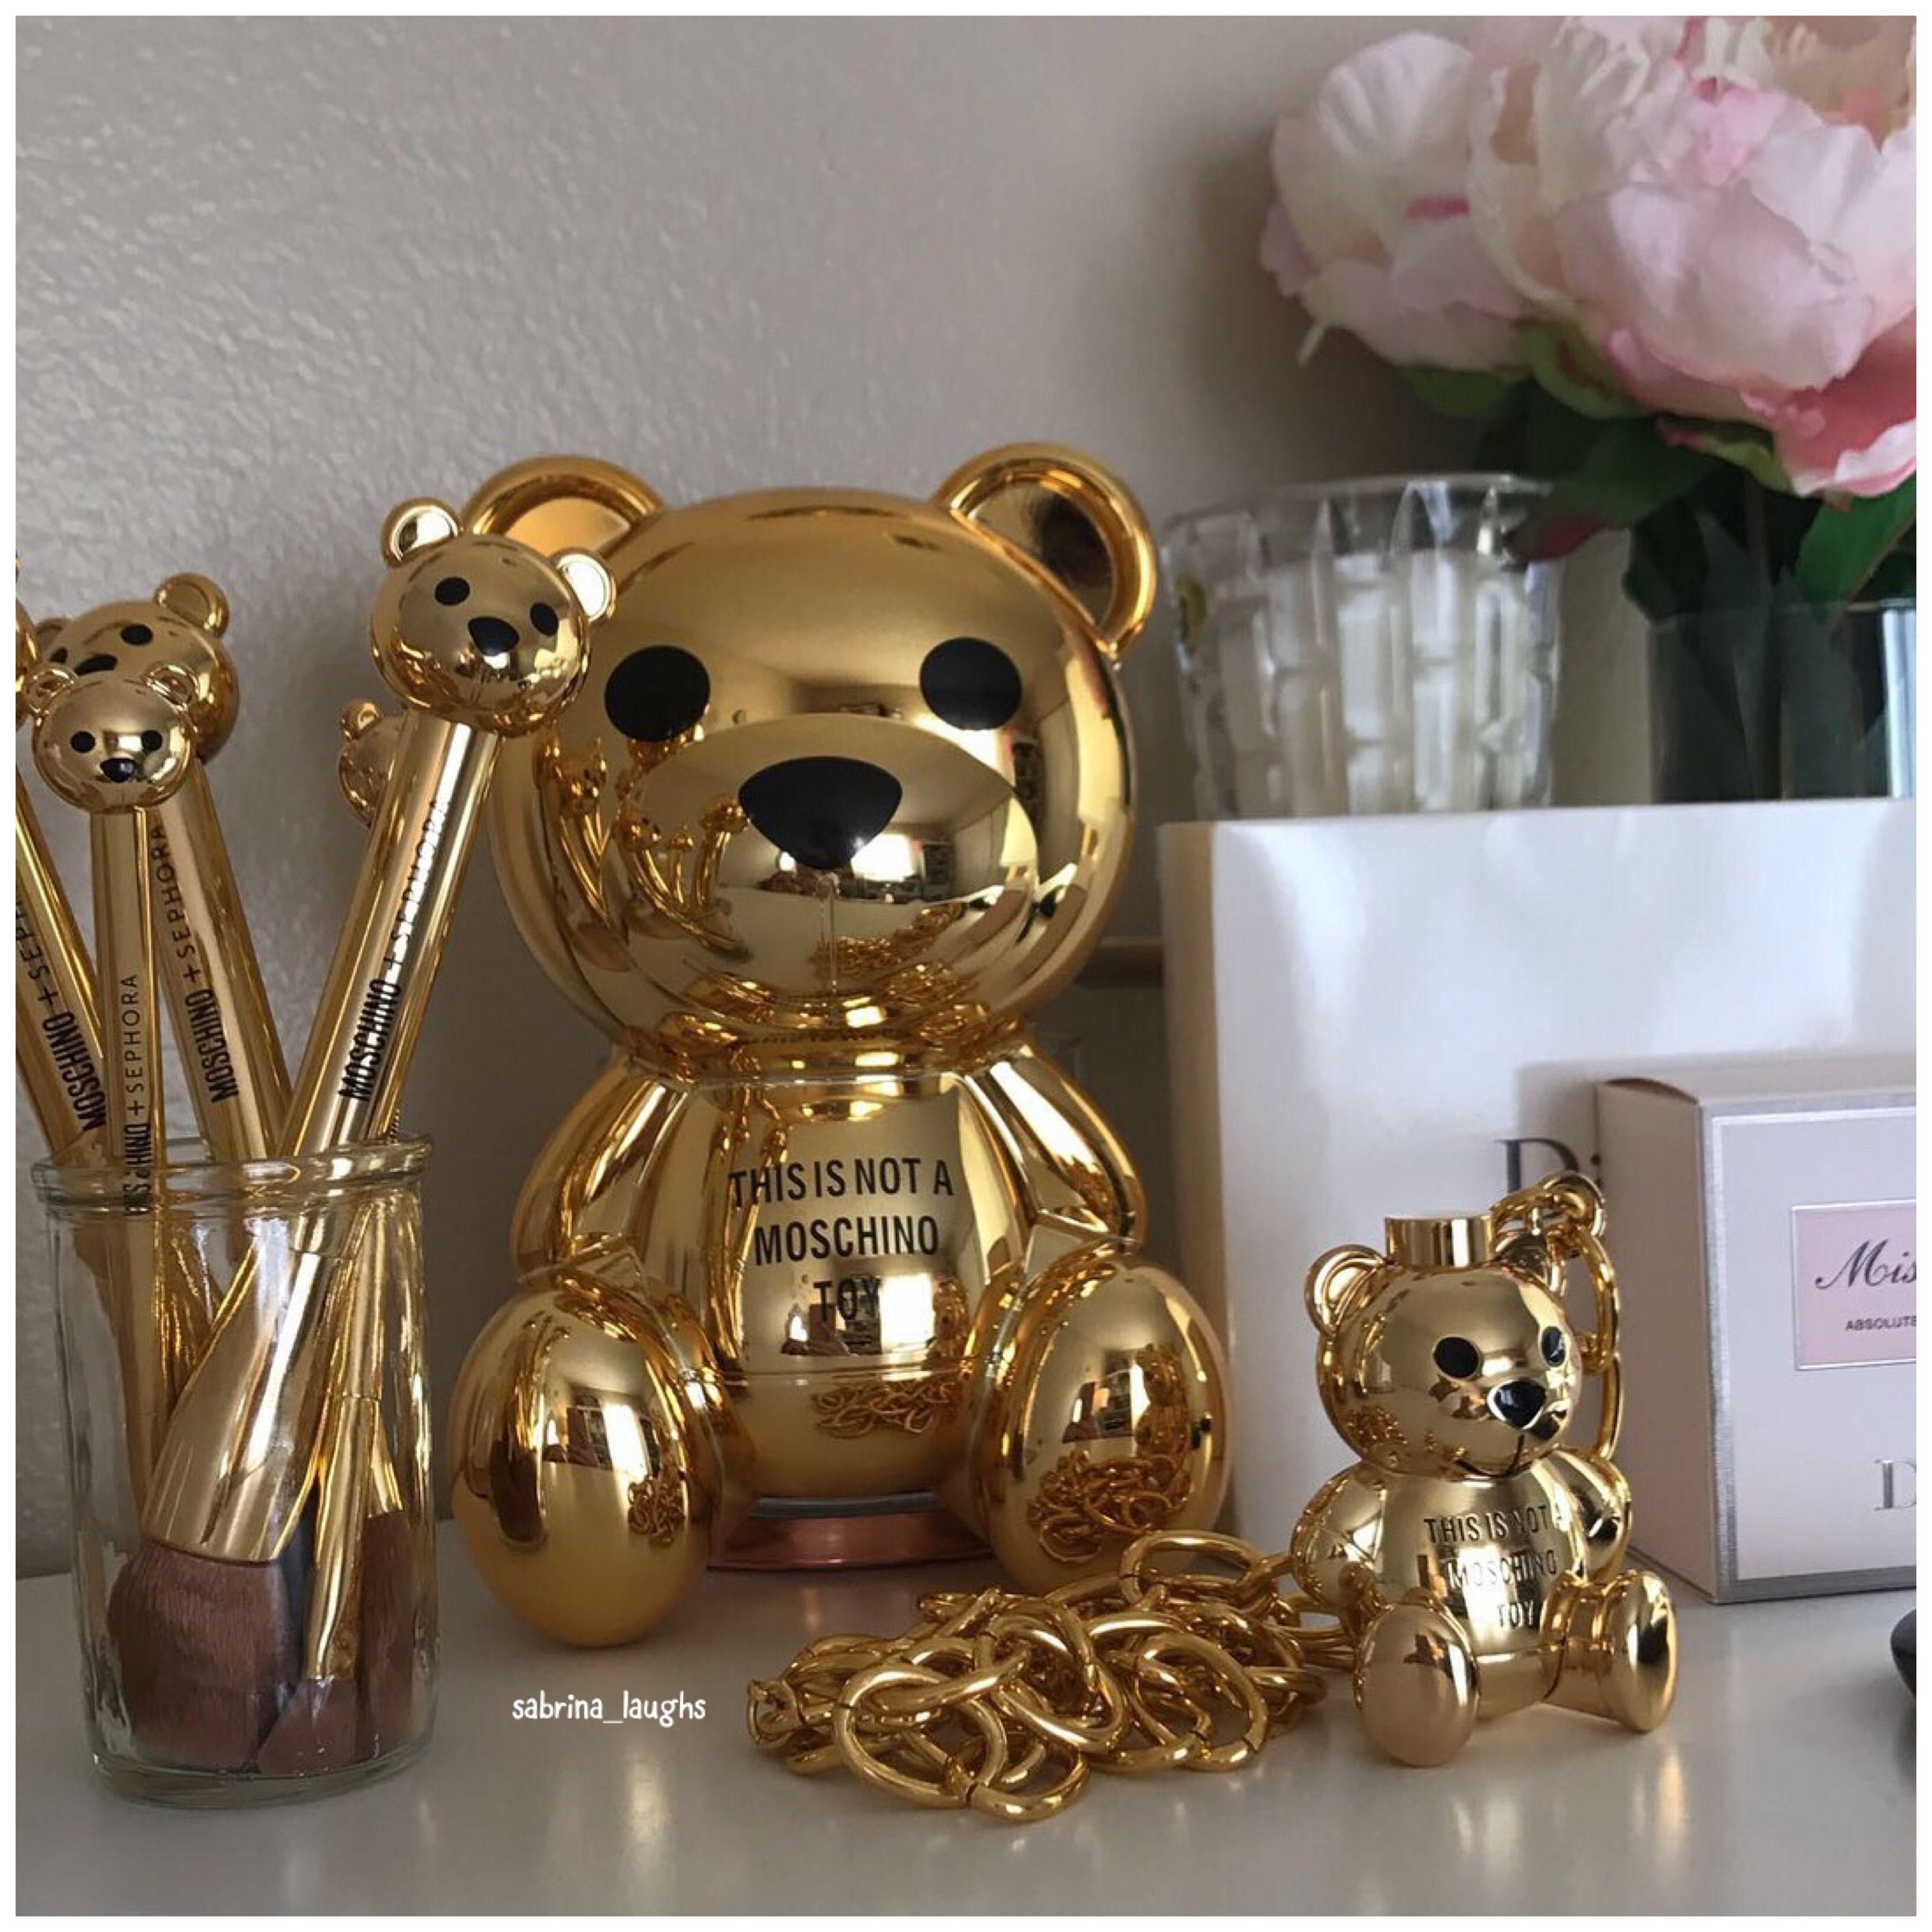 Moschino x Sephora makeup collection. 🐻 golden bear